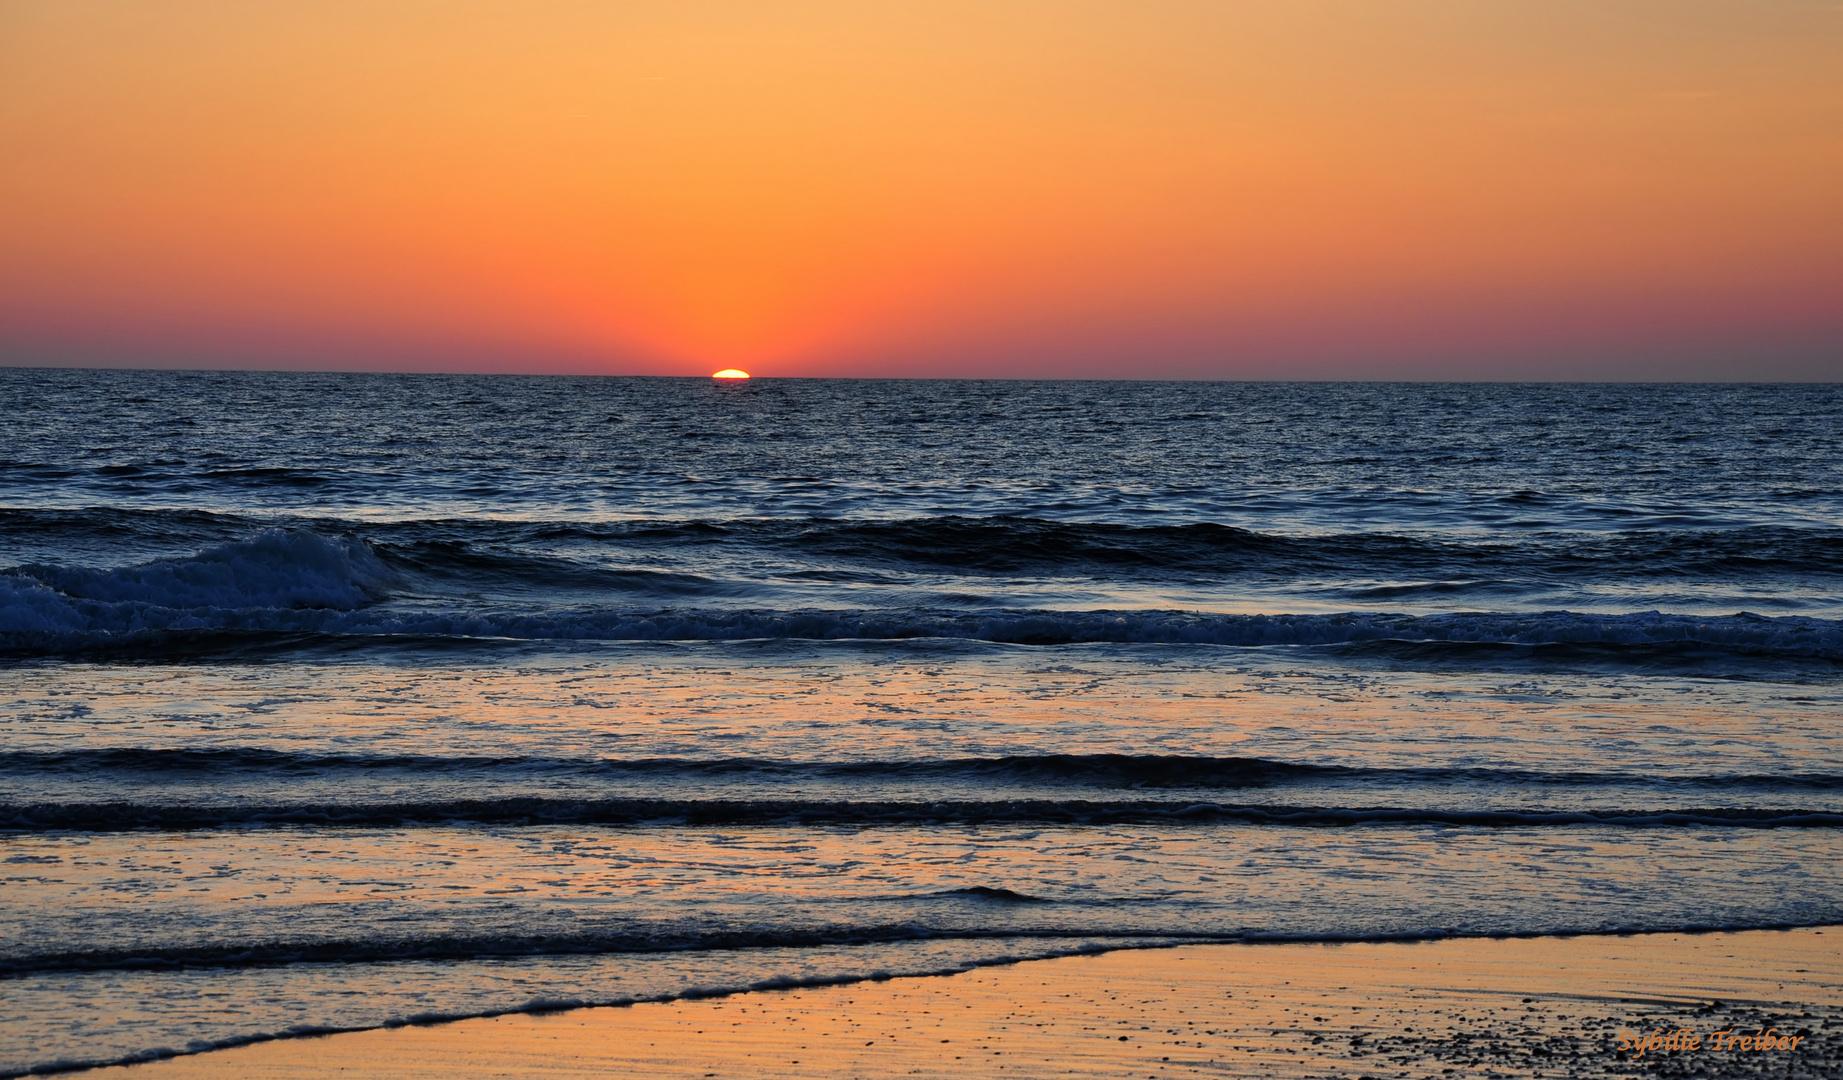 Die Sonne im Meer versinken sehen